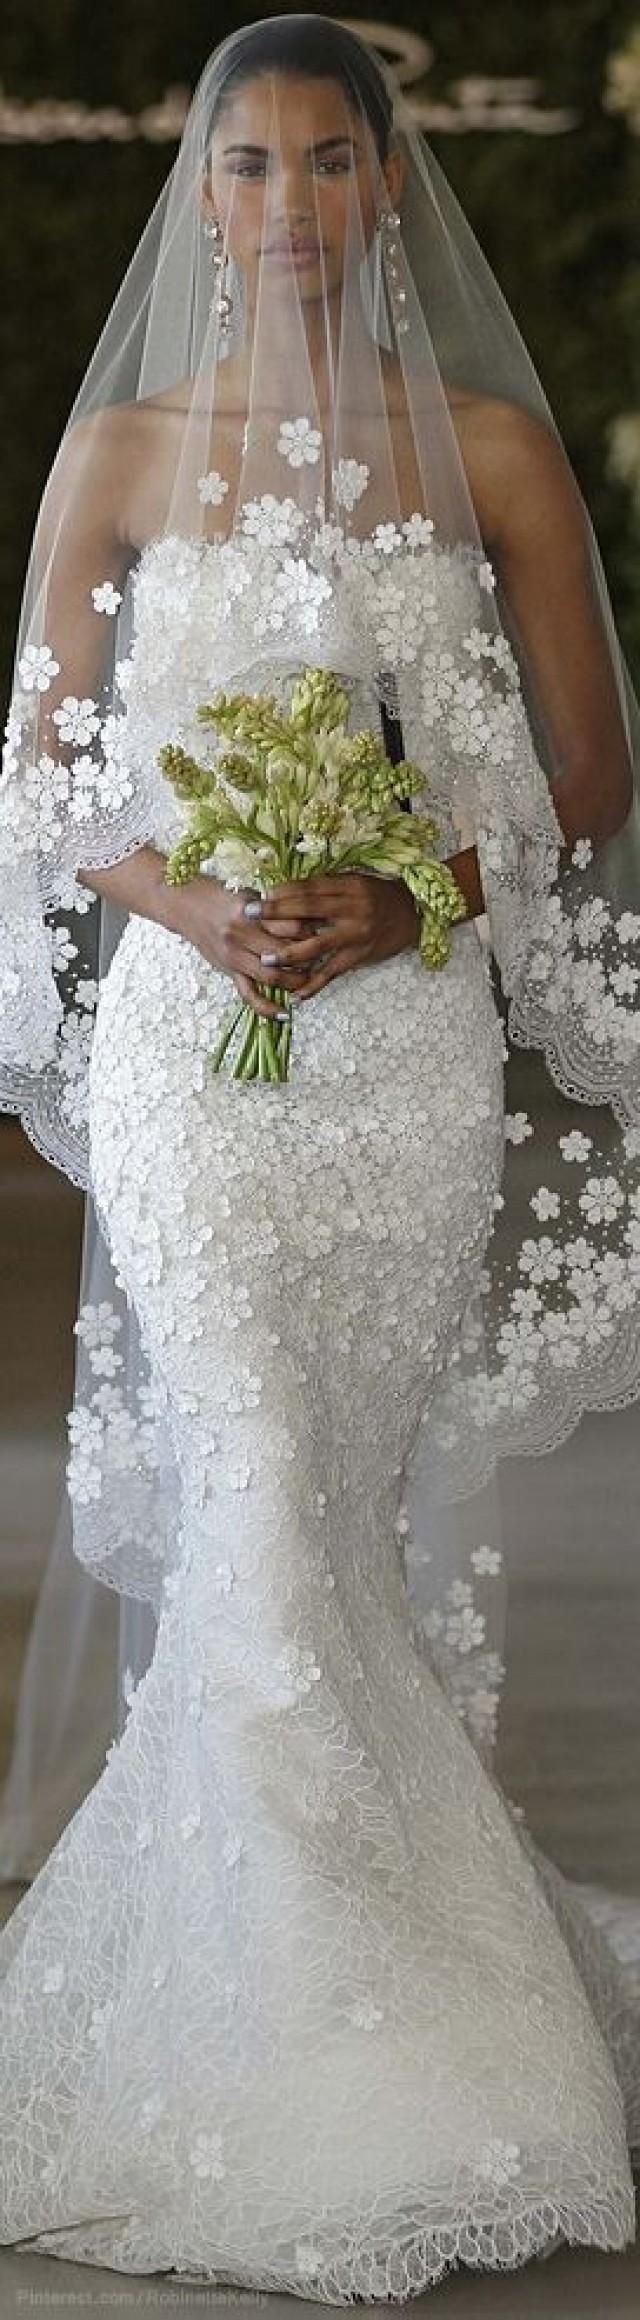 Oscar de la Renta 44E10, $5,625 Size: 8 | New (Un-Altered) Wedding Dresses